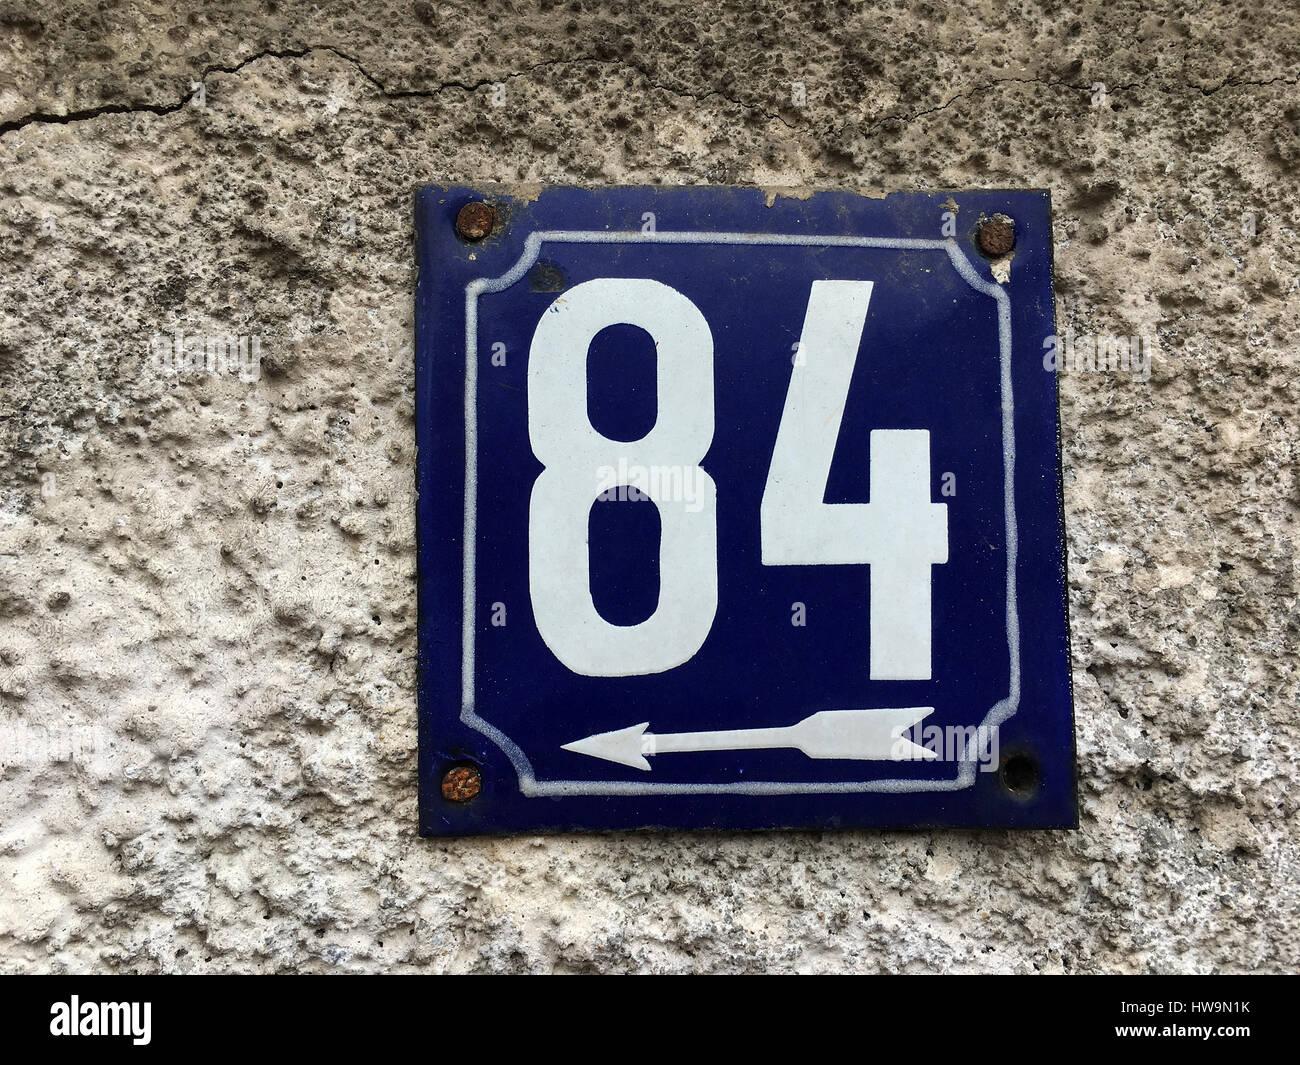 Door Number 1 Vintage Enamel House Number Plate Address Sign for House Outdoor House Number Door Sign 1 Address House Plaque